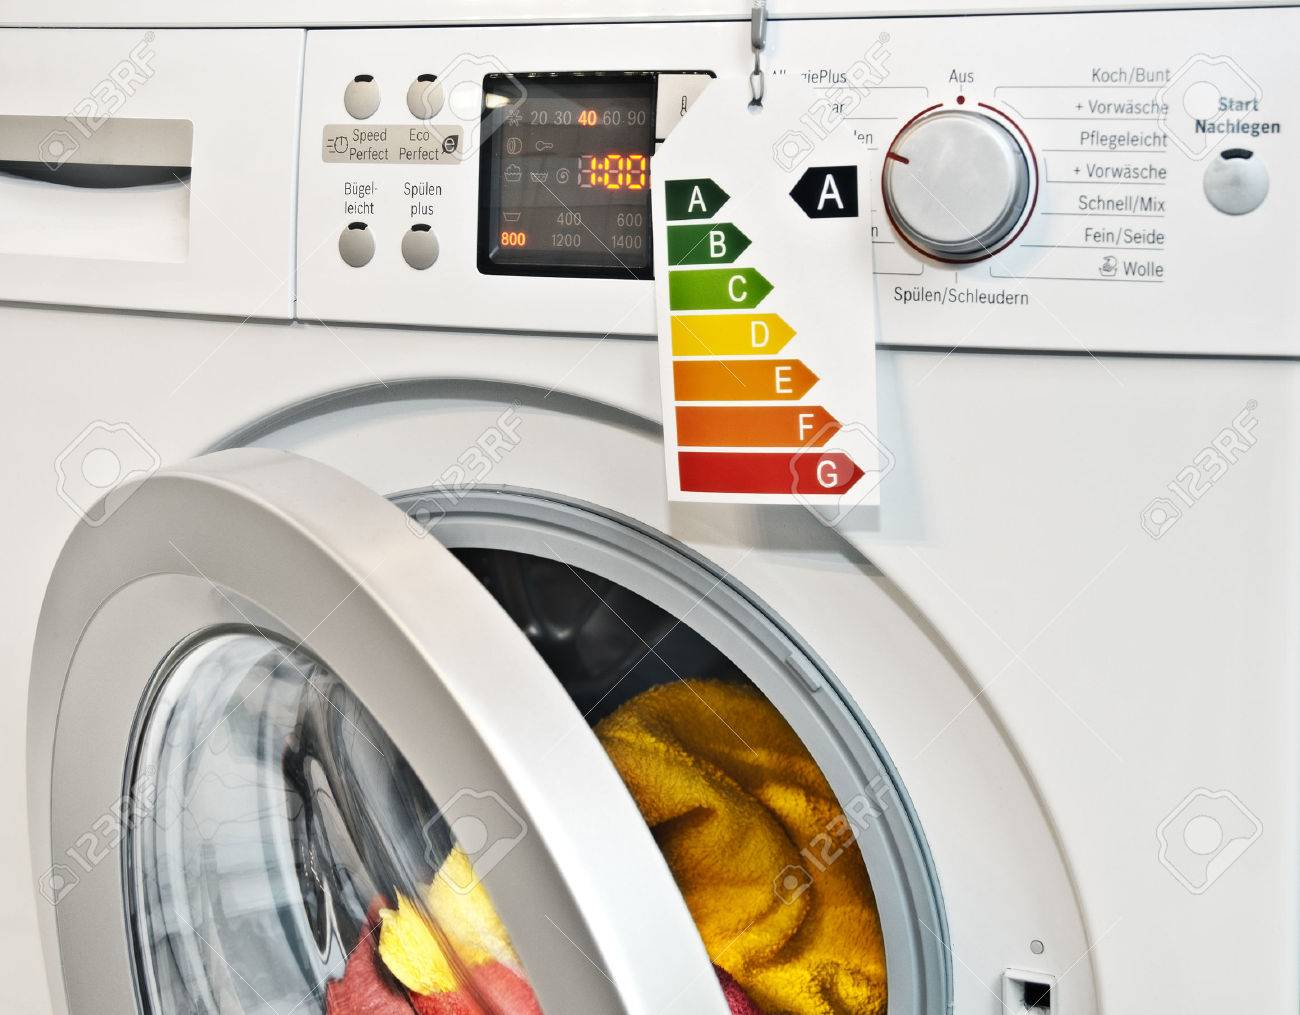 moderne waschmaschine mit energieeffizienz-label lizenzfreie fotos, Attraktive mobel